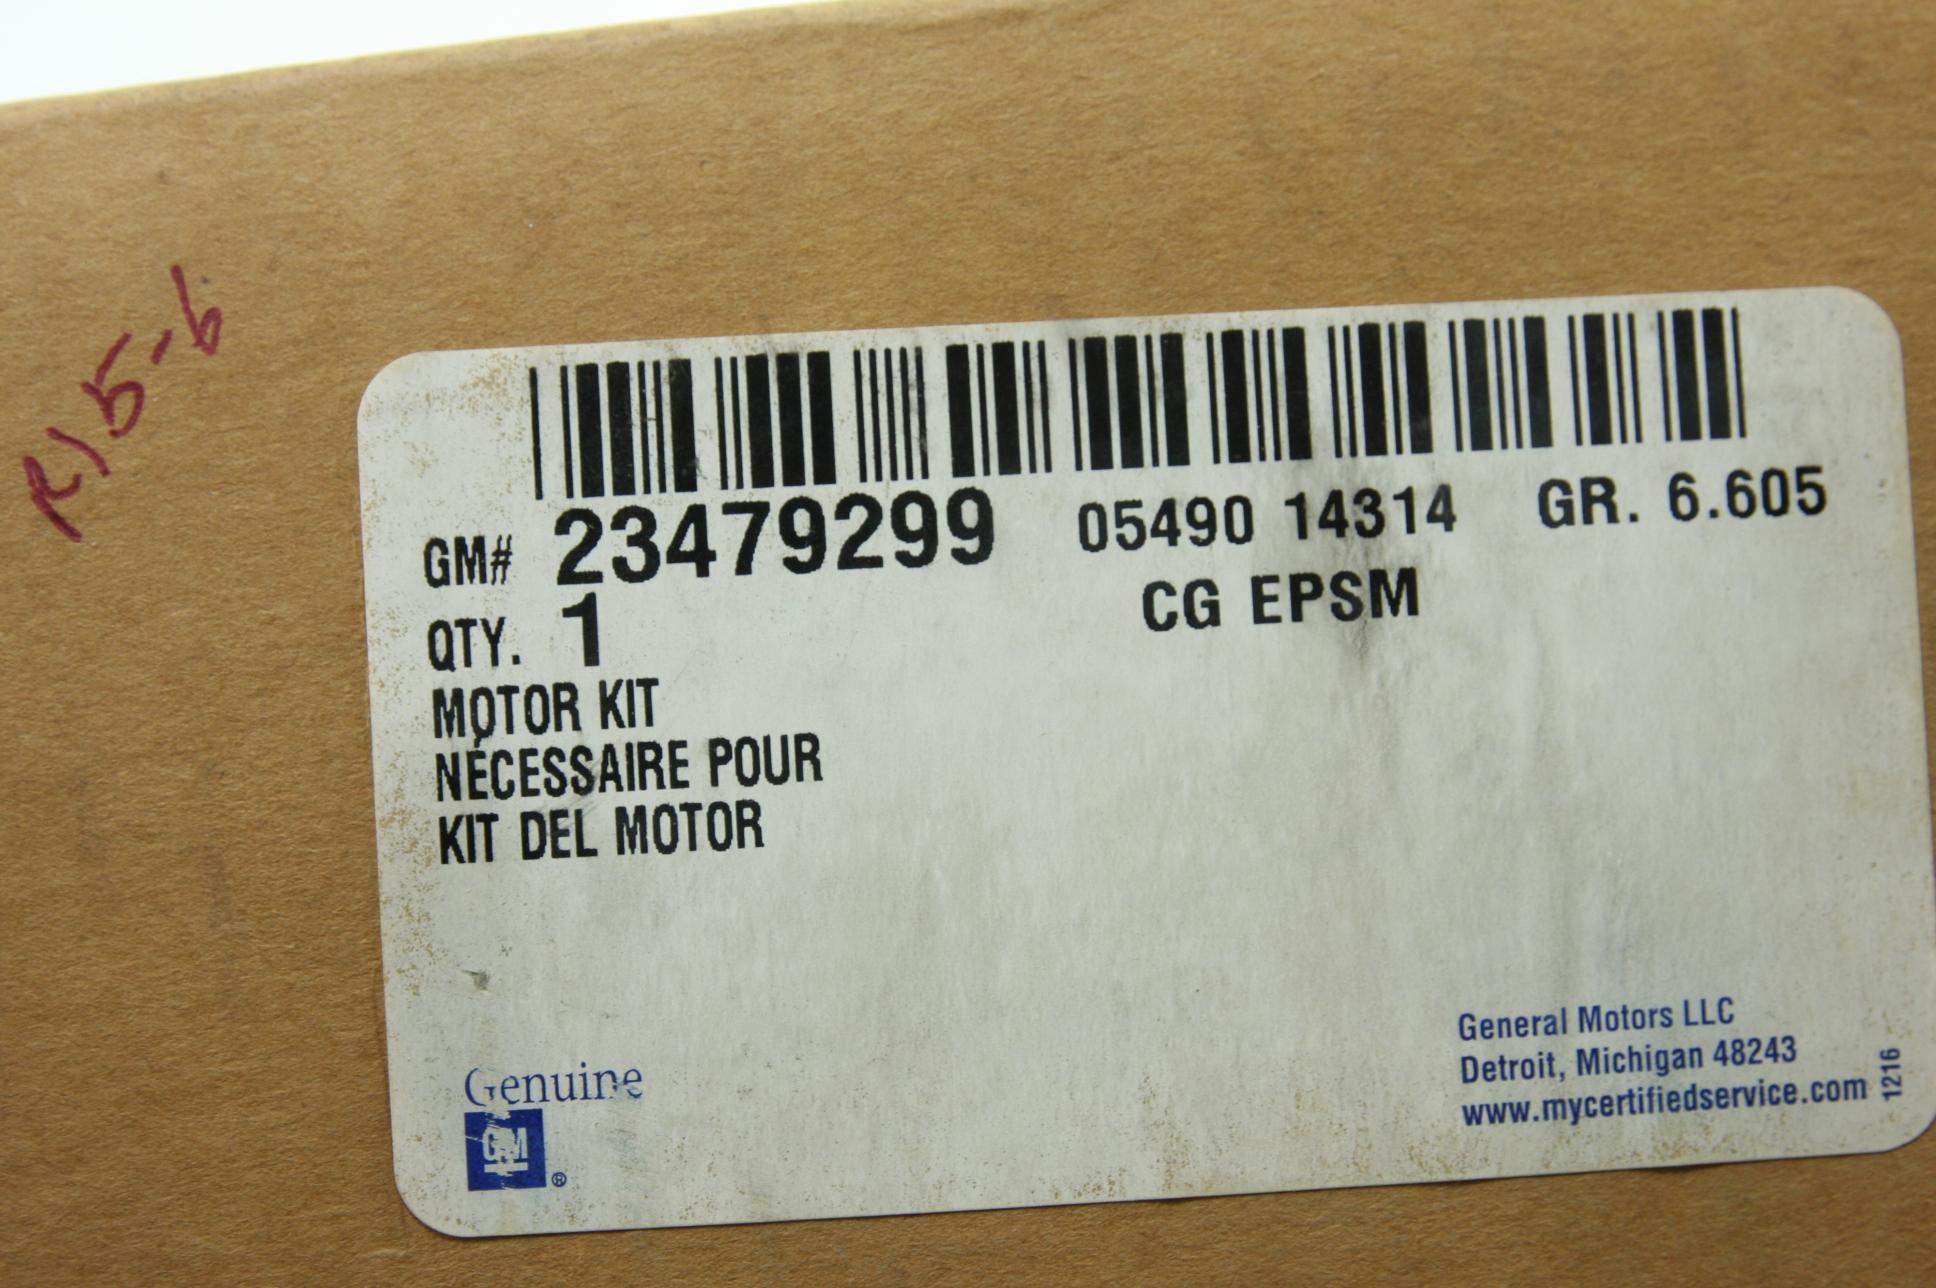 New OEM 23479299 Genuine GM Steering Gear Electric Power Steering Motor NIP - image 2